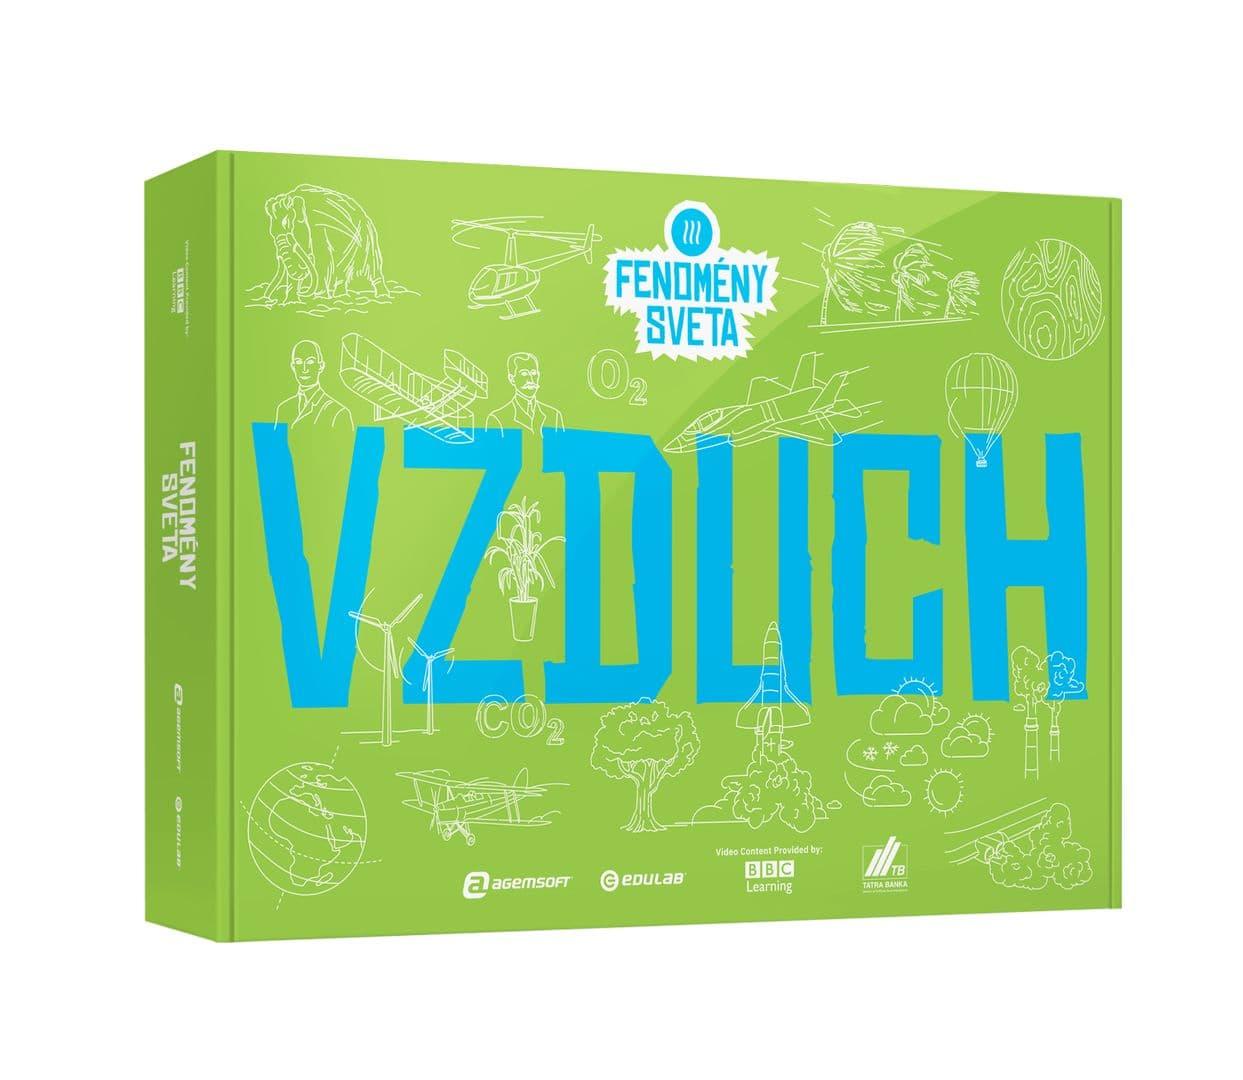 fenomeny_box_vzduch_+Tatra_logo_V02